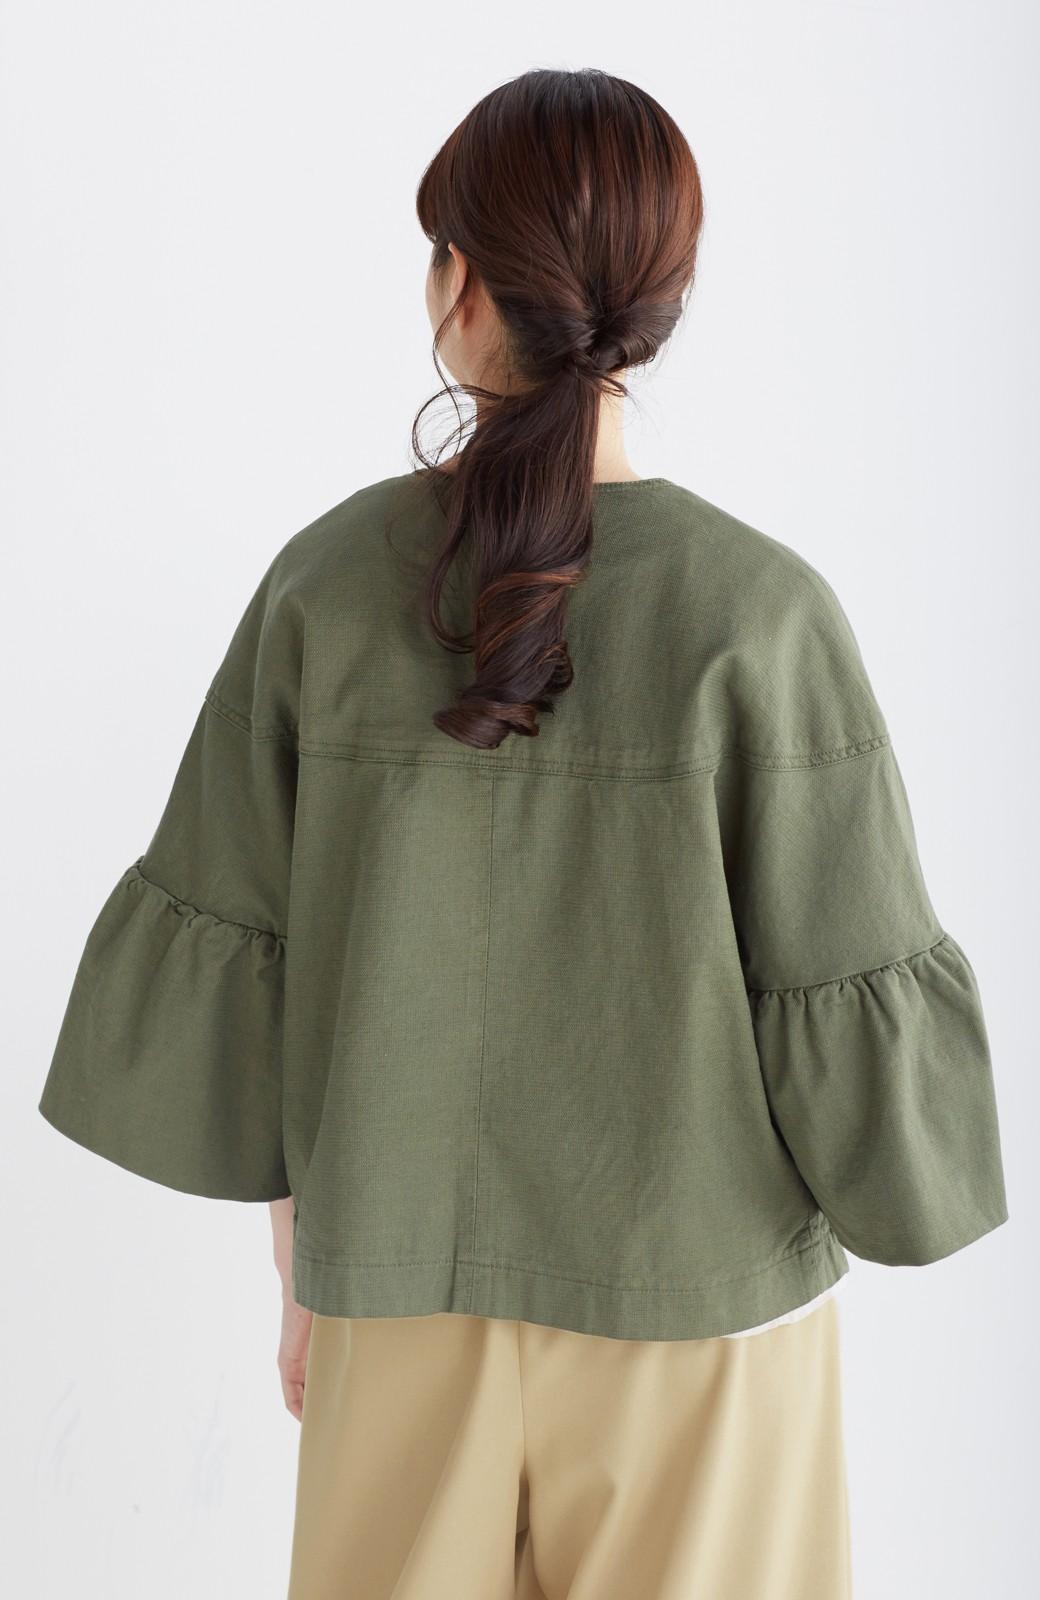 nusy さっと羽織るのにちょうどいい ラッフルスリーブジャケット <カーキ>の商品写真10